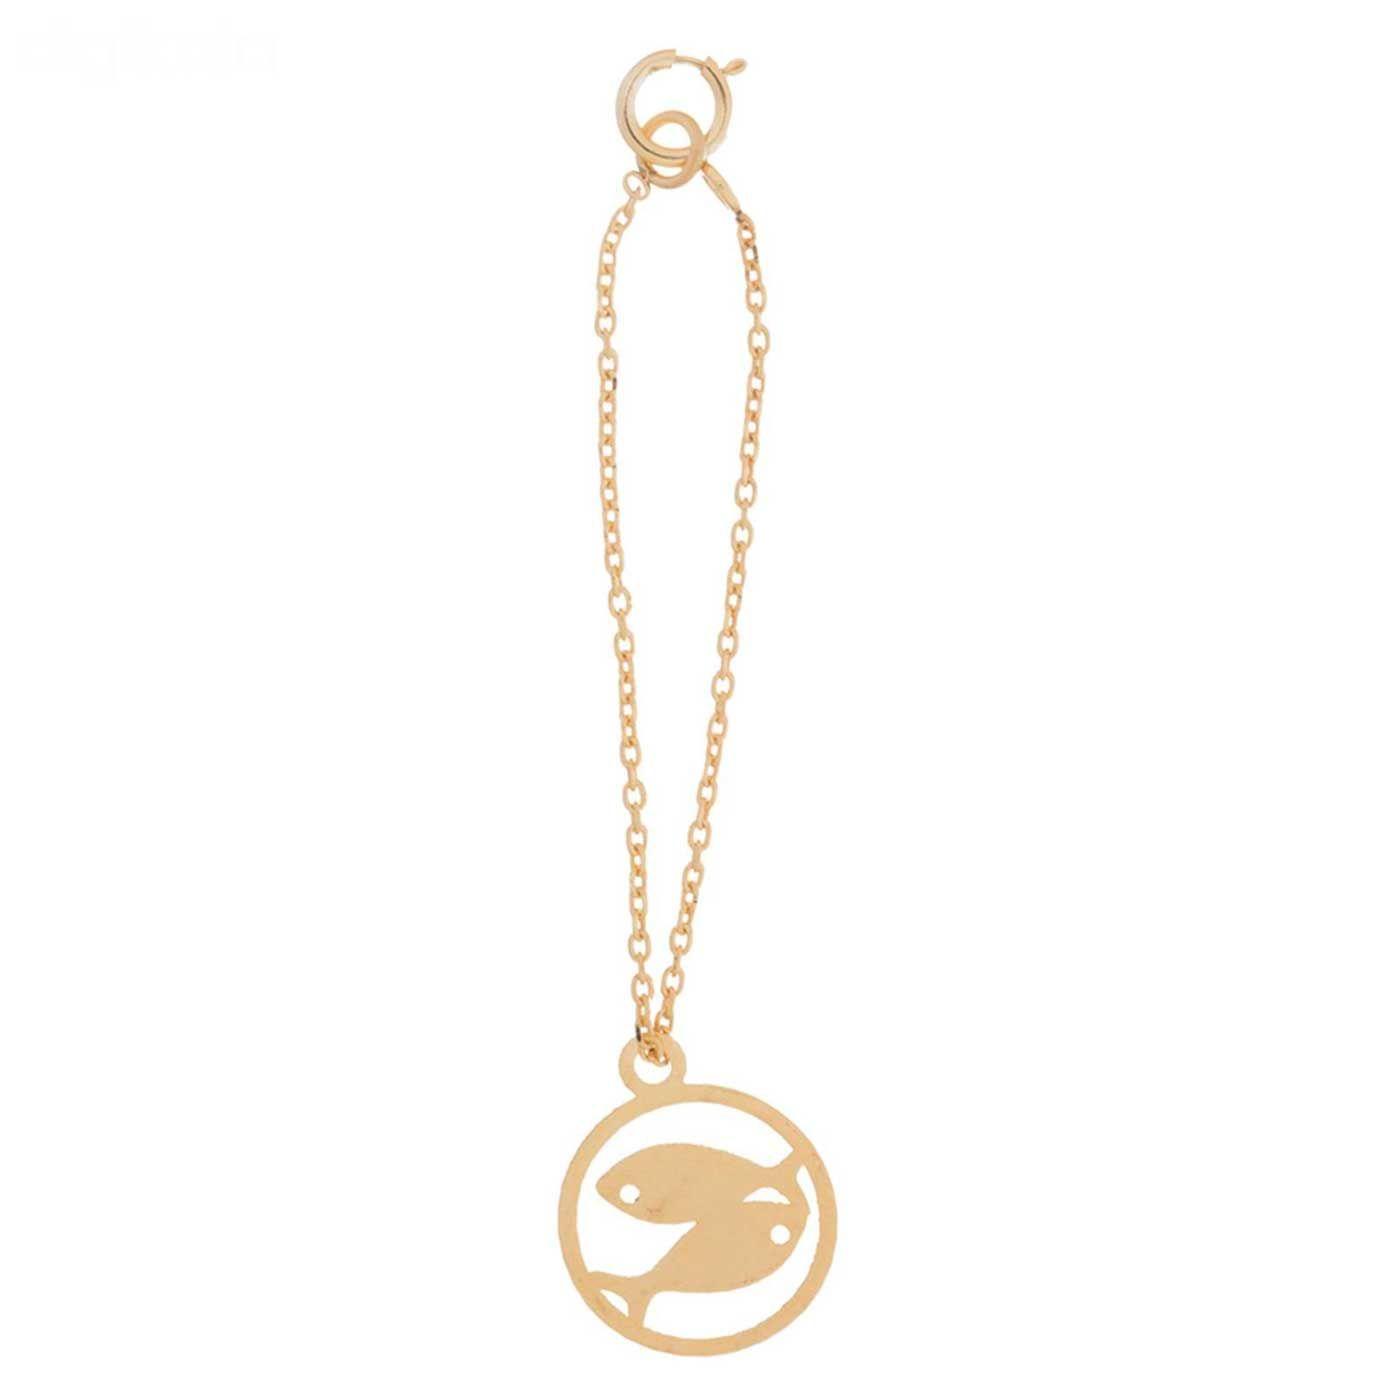 آویز ساعت طلا 18 عیار زنانه کانیار گالری کد AS118 -  - 1